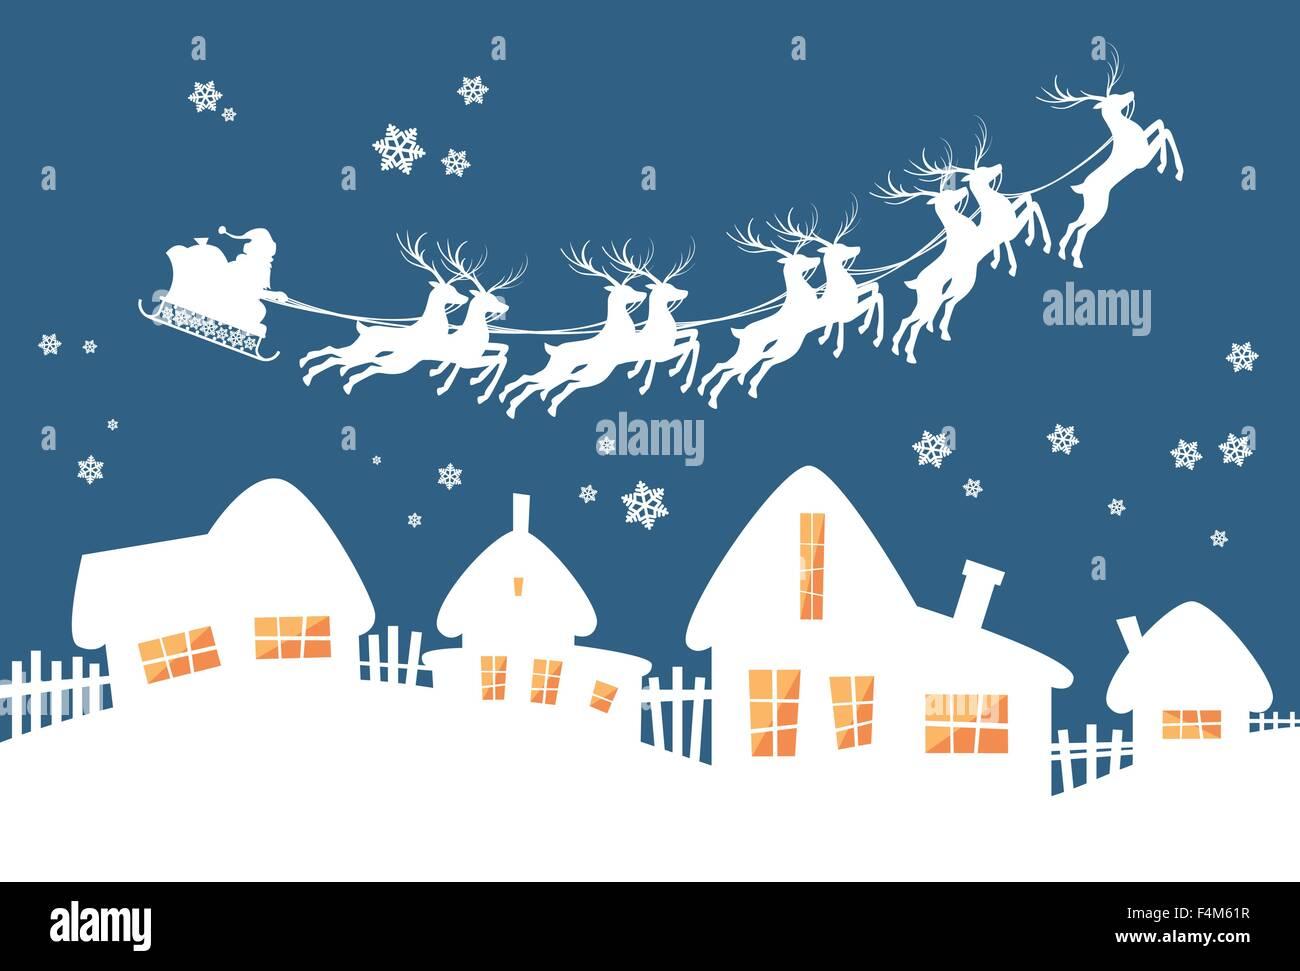 Santa Claus Sleigh Reindeer Fly Sky Over House Christmas